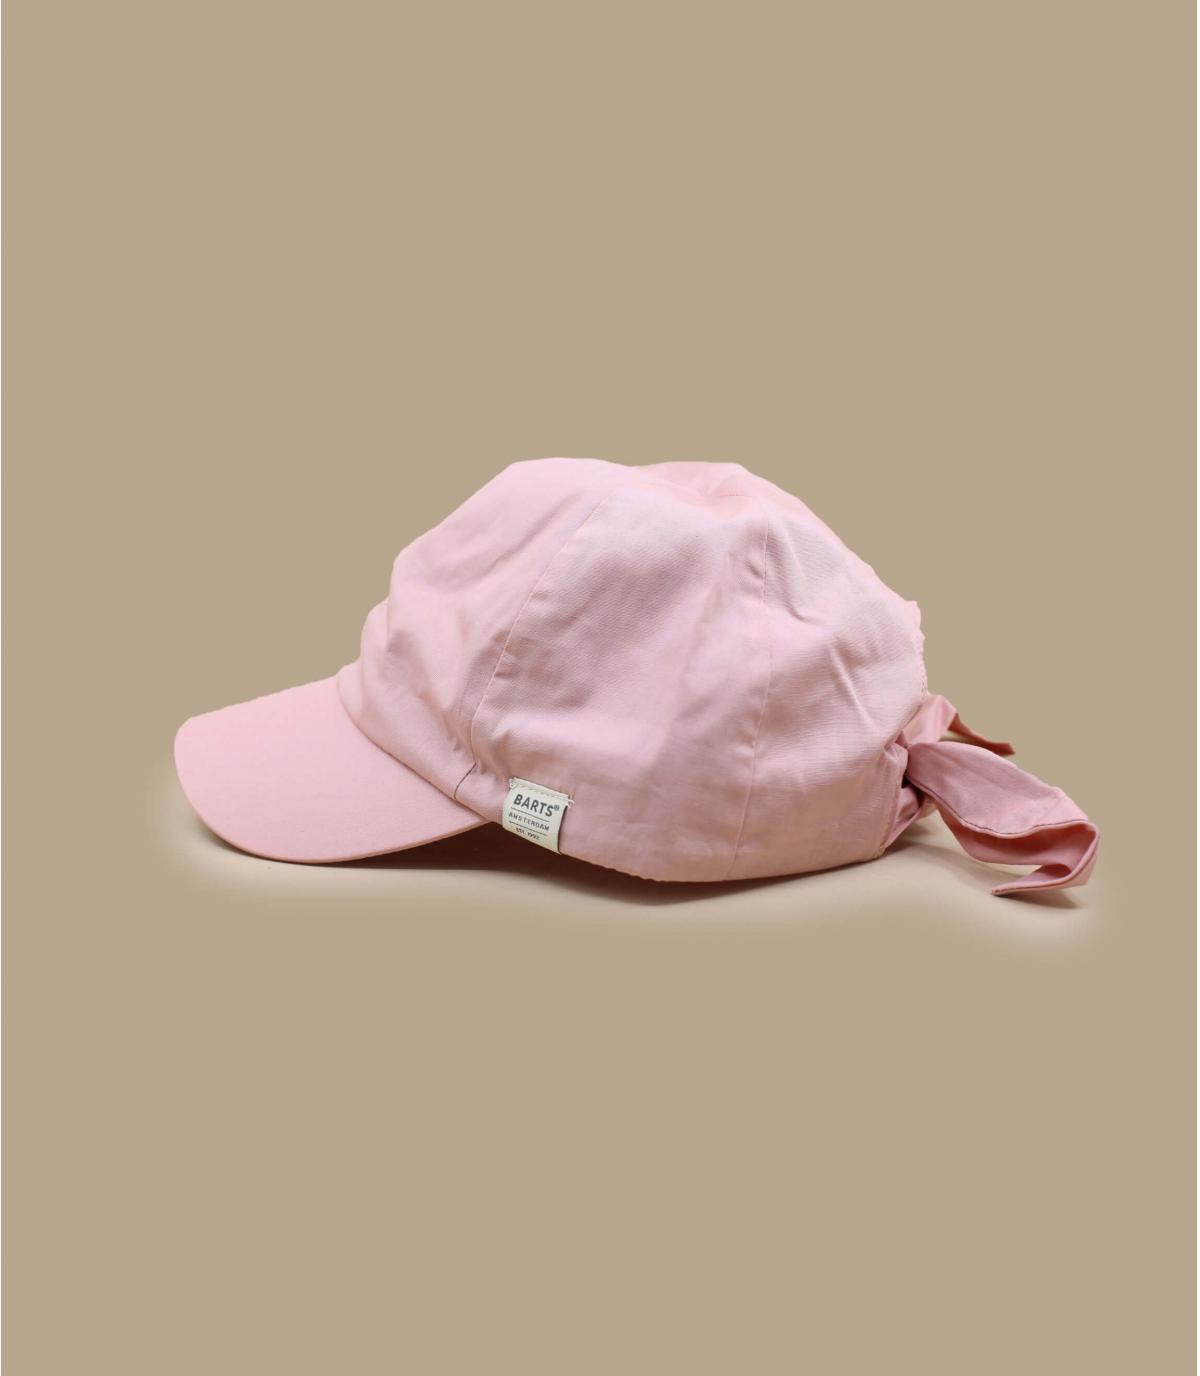 Détails Wupper dusty pink - image 2